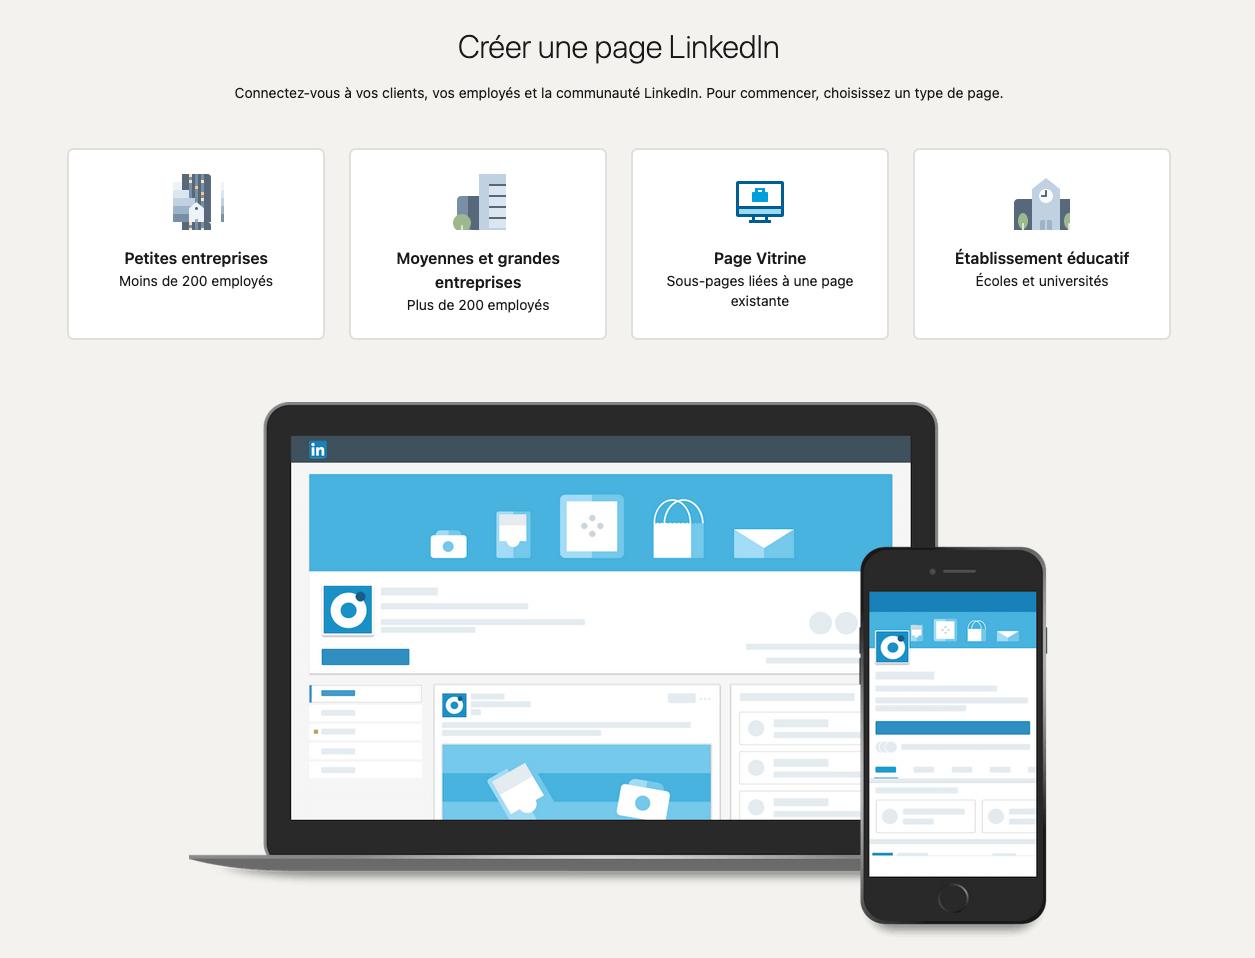 configurer sa page linkedin